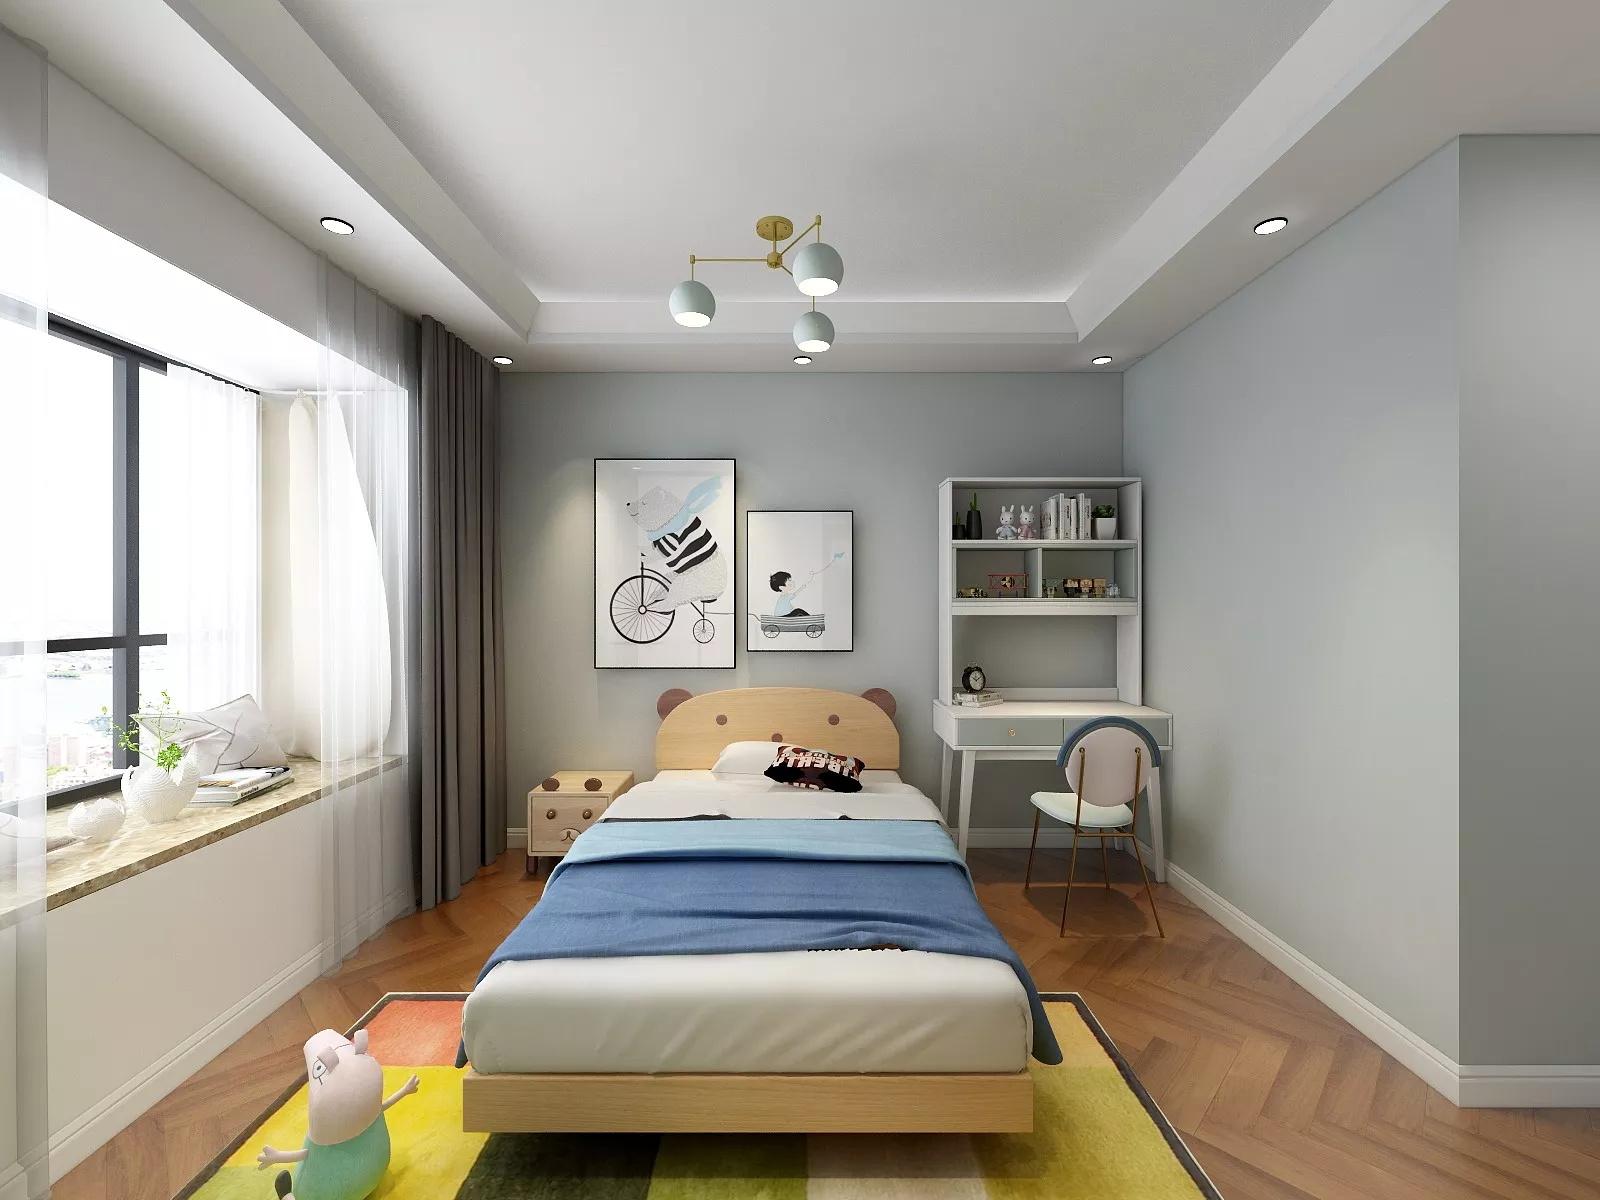 窗簾掛鉤種類有哪些 窗簾掛鉤的安裝步驟及注意事項